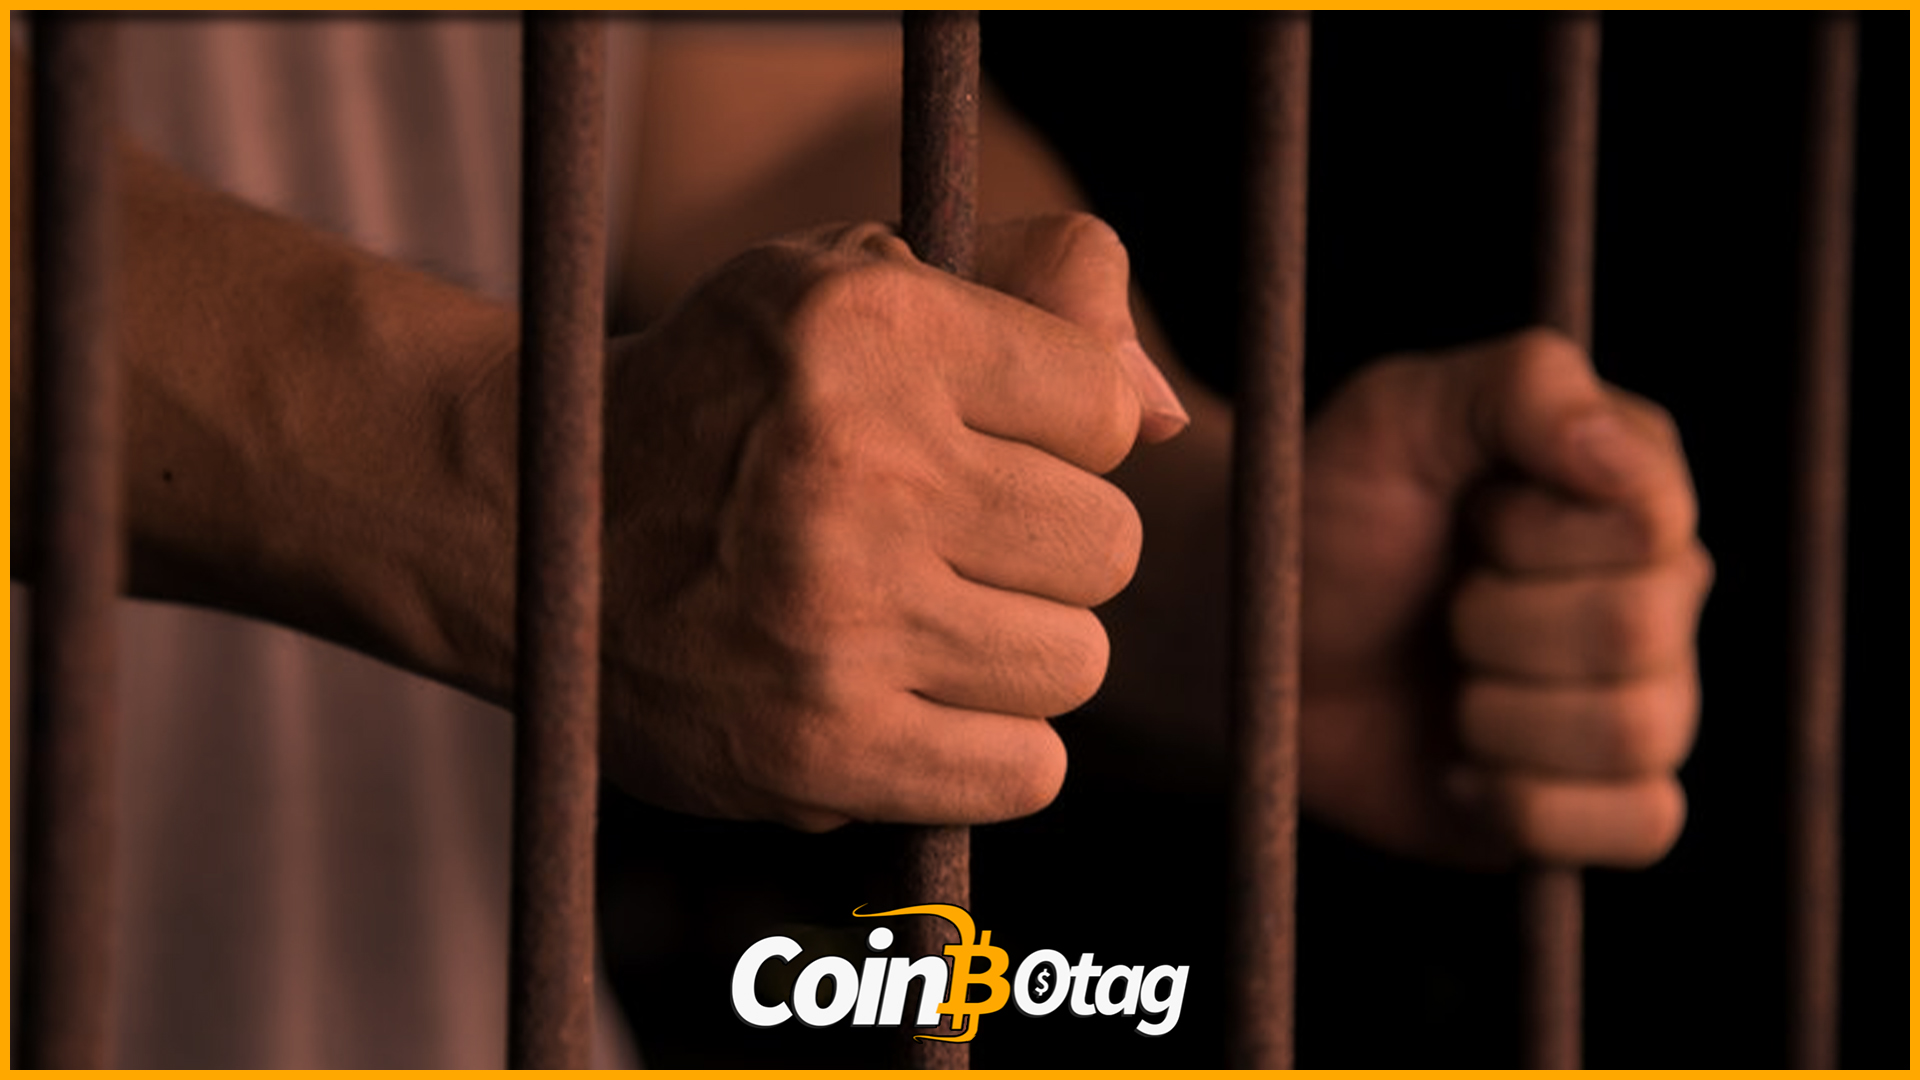 coinotag